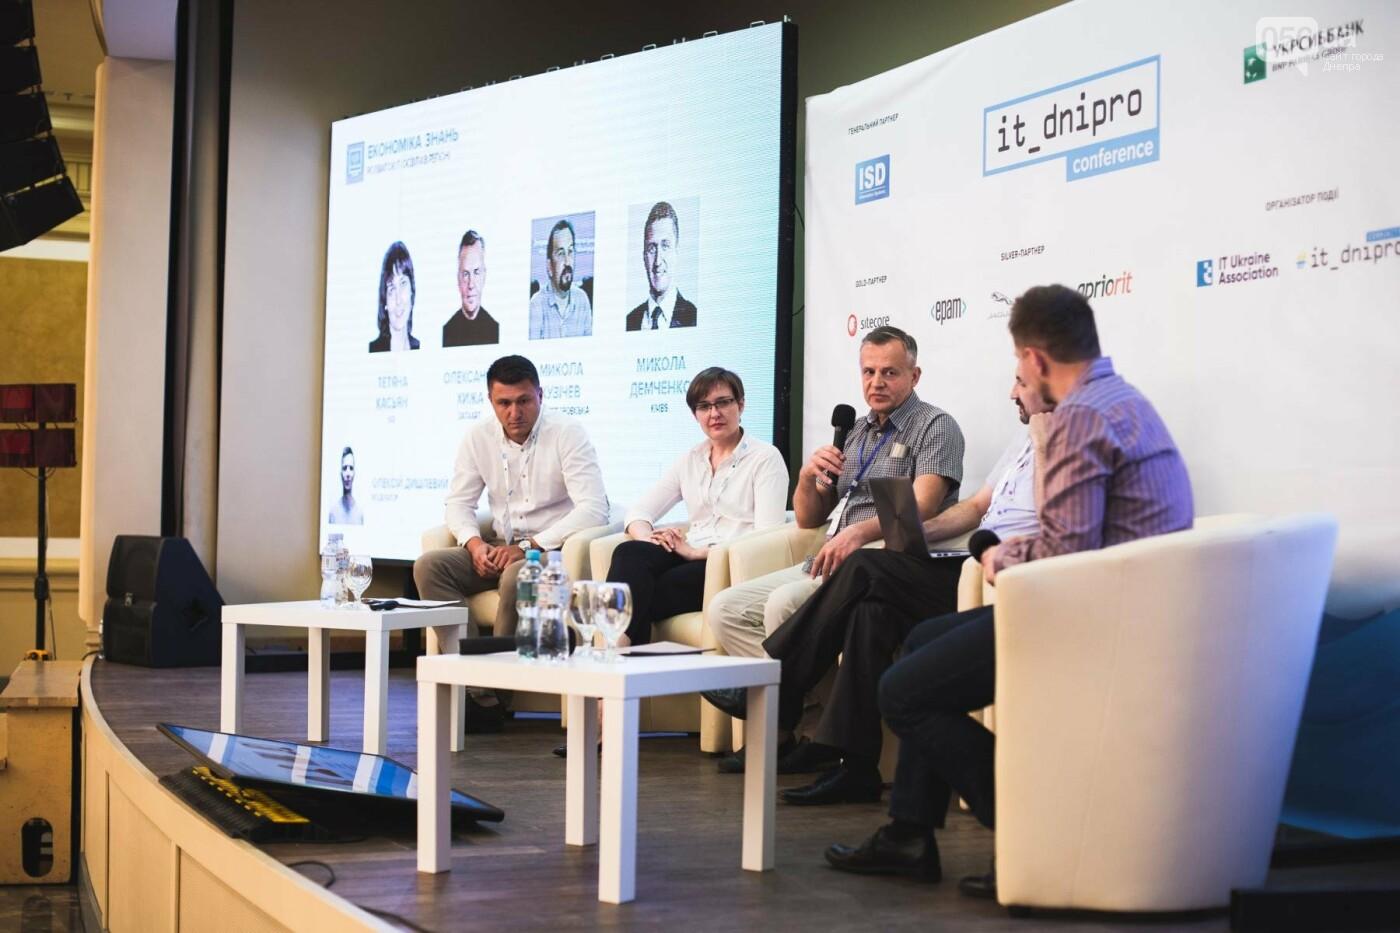 В Днепре прошла бизнес-конференция IT Dnipro Conference: подробности, - ФОТО, фото-13